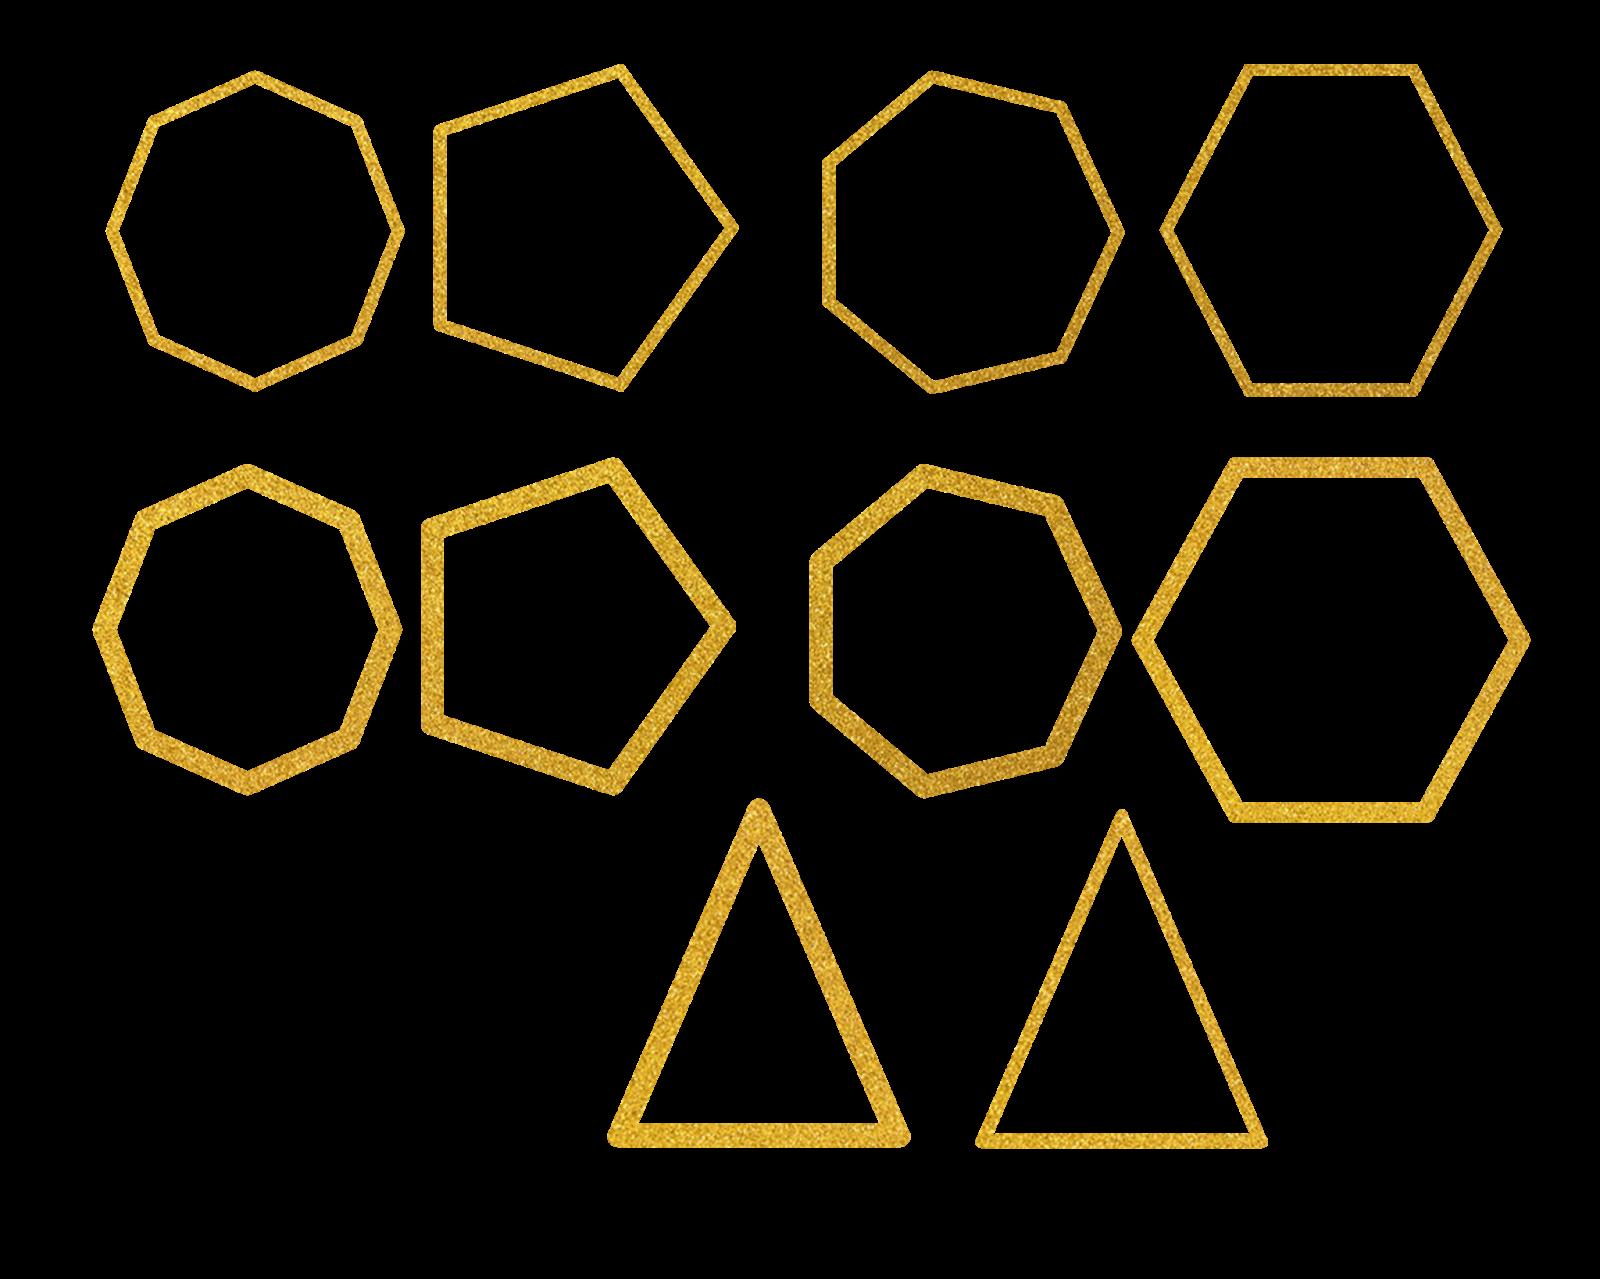 اشكال هندسية ذهبي Png فوتوشوب شو